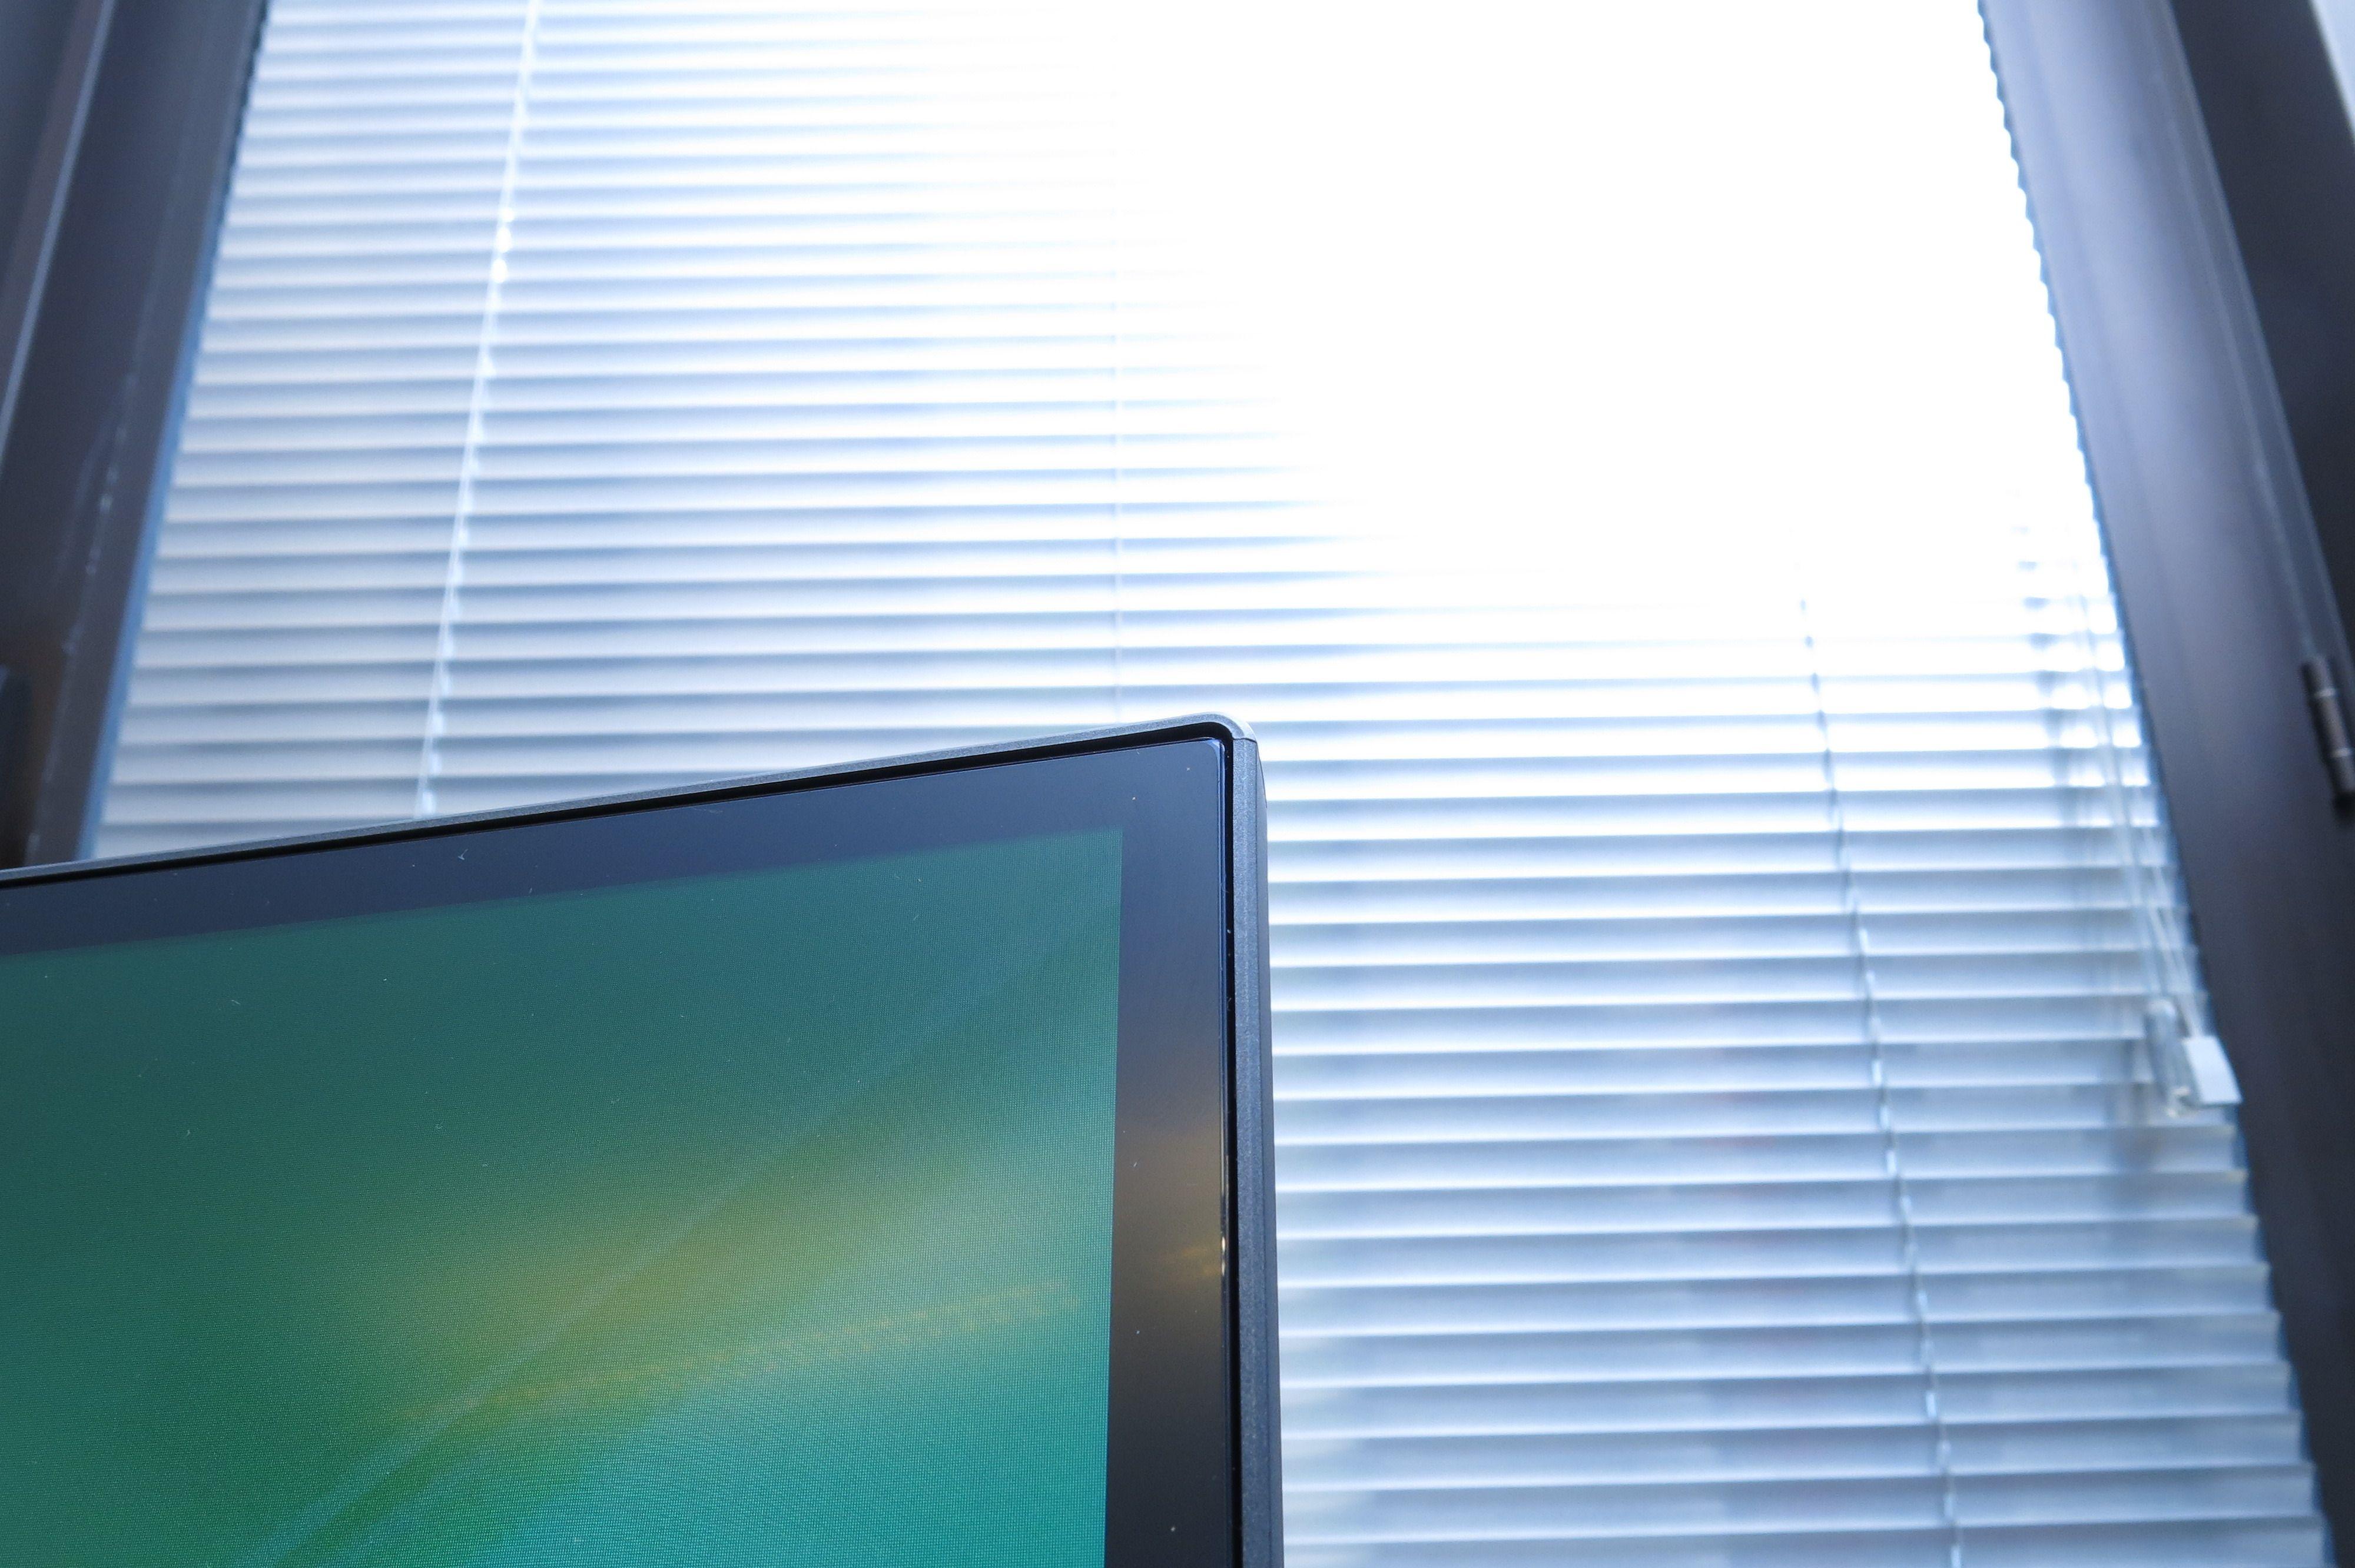 Når skjermen er avslått ser det ut som skjermen går helt ut til kanten. Påslått ser man fort at kanten blir noe større. Foto: Ole Henrik Johansen / Tek.no